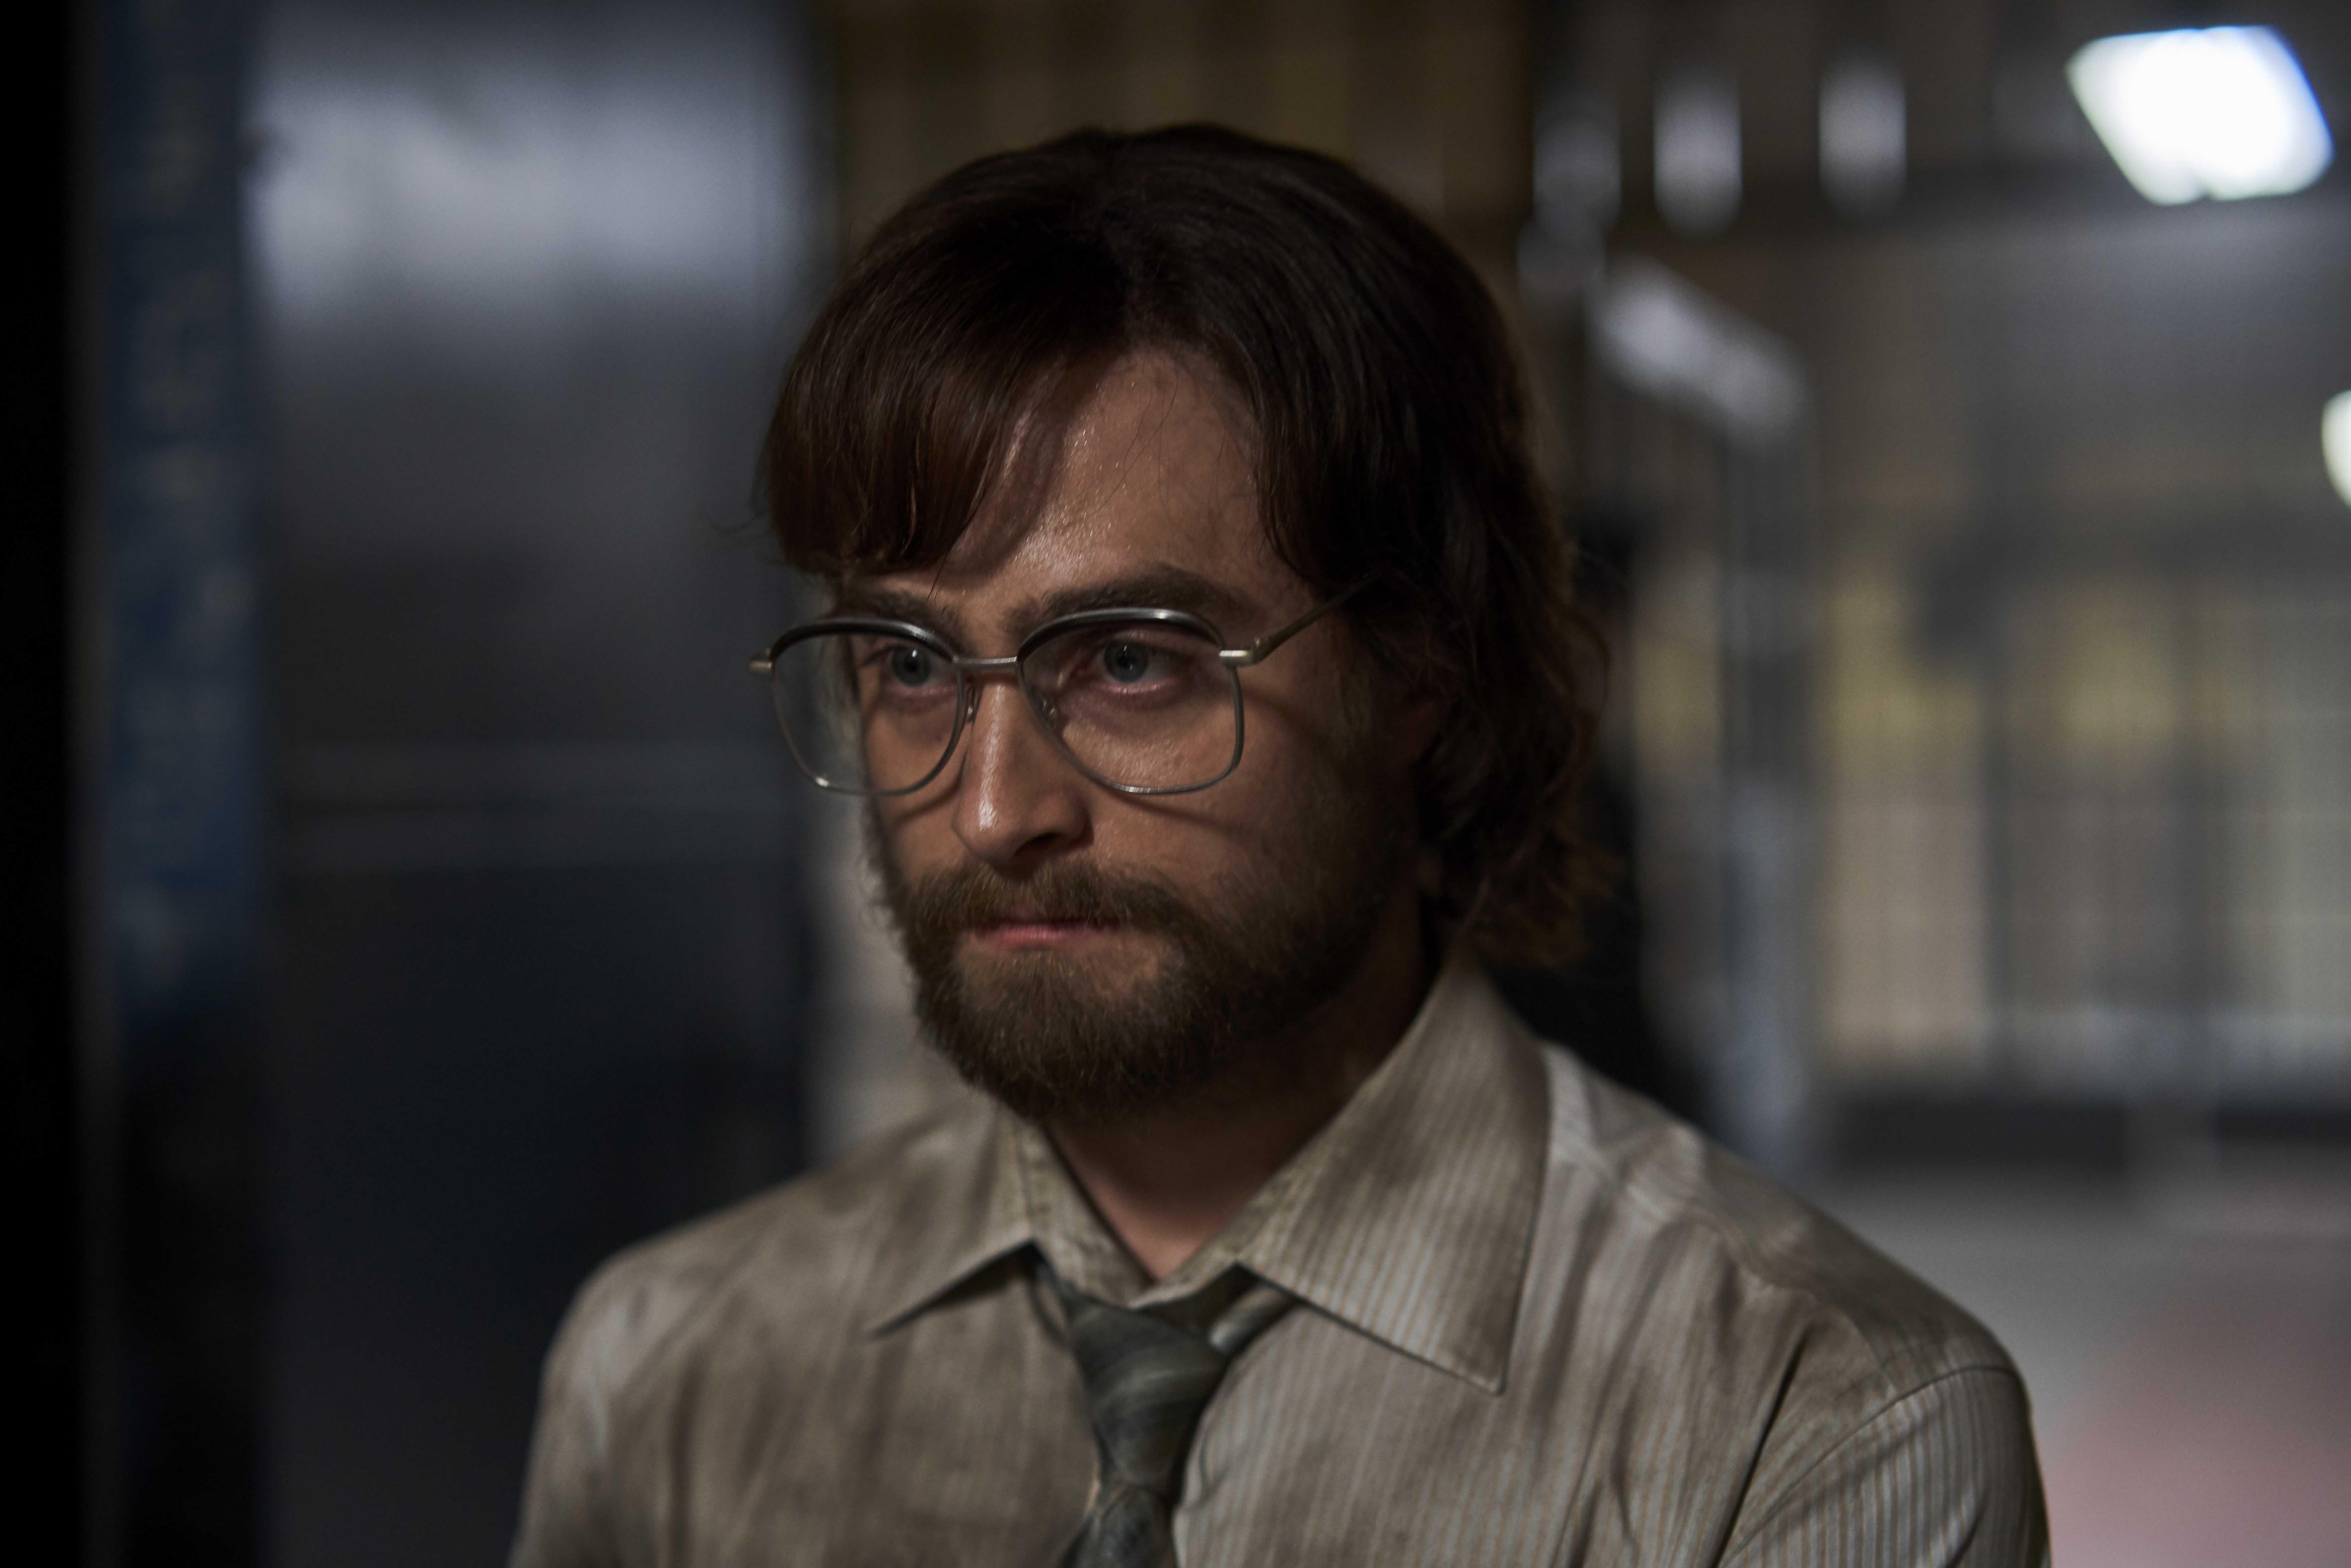 丹尼爾為了符合角色形象,留了一頭中長捲髮、蓄起大鬍子,還敬業地學起南非當地的英文口音